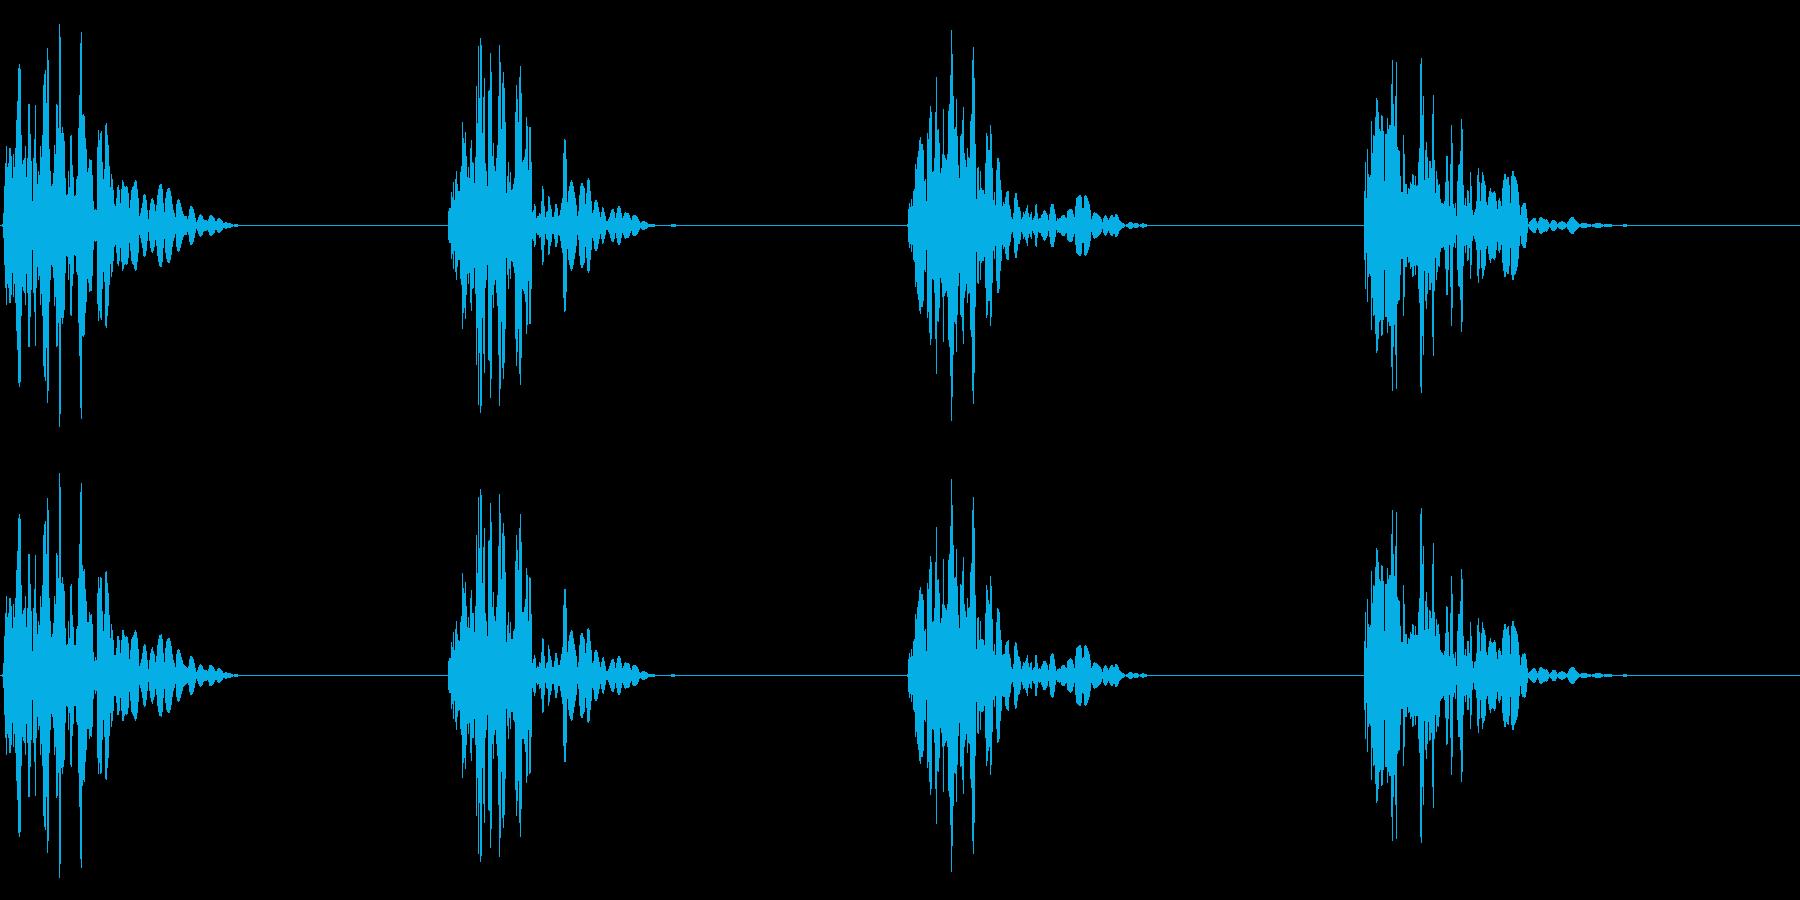 ドスッドスッ 重めの足音の再生済みの波形